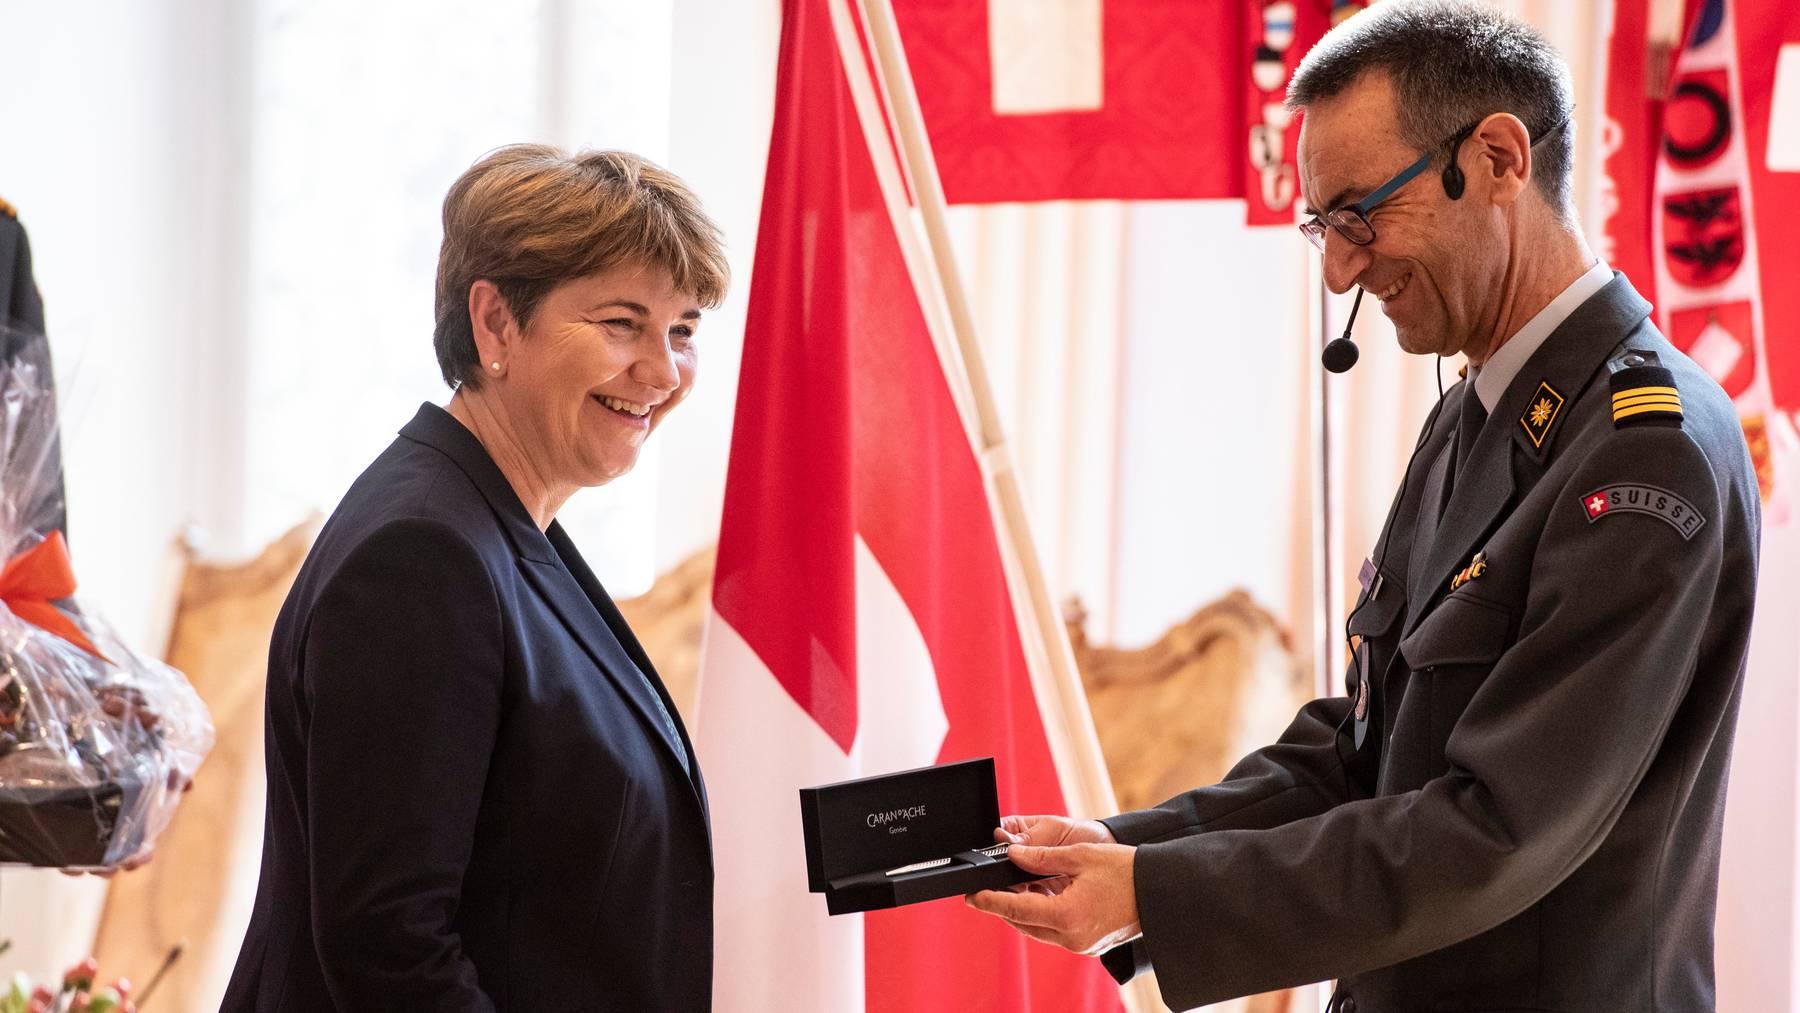 Stefan Holenstein, Präsident der Offiziersgesellschaft, schenkt Verteidigungsministerin Viola Amherd einen Kugelschreiber.